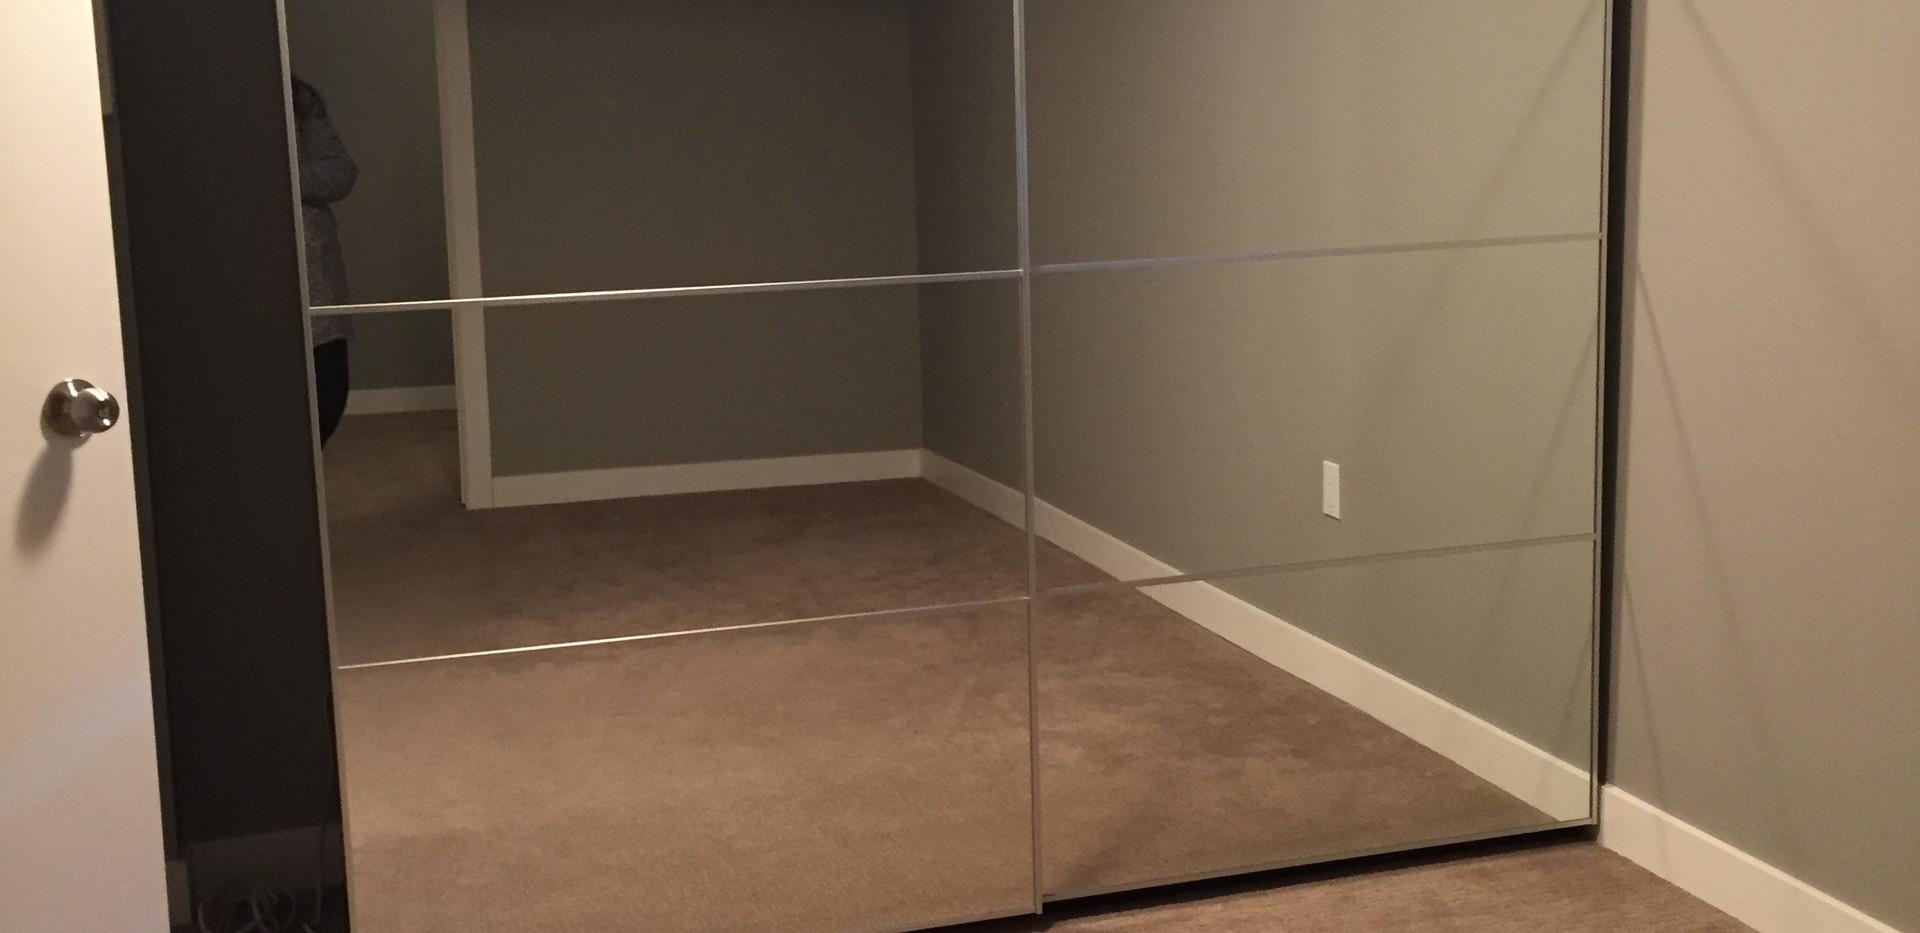 Mirrored Closet.JPG